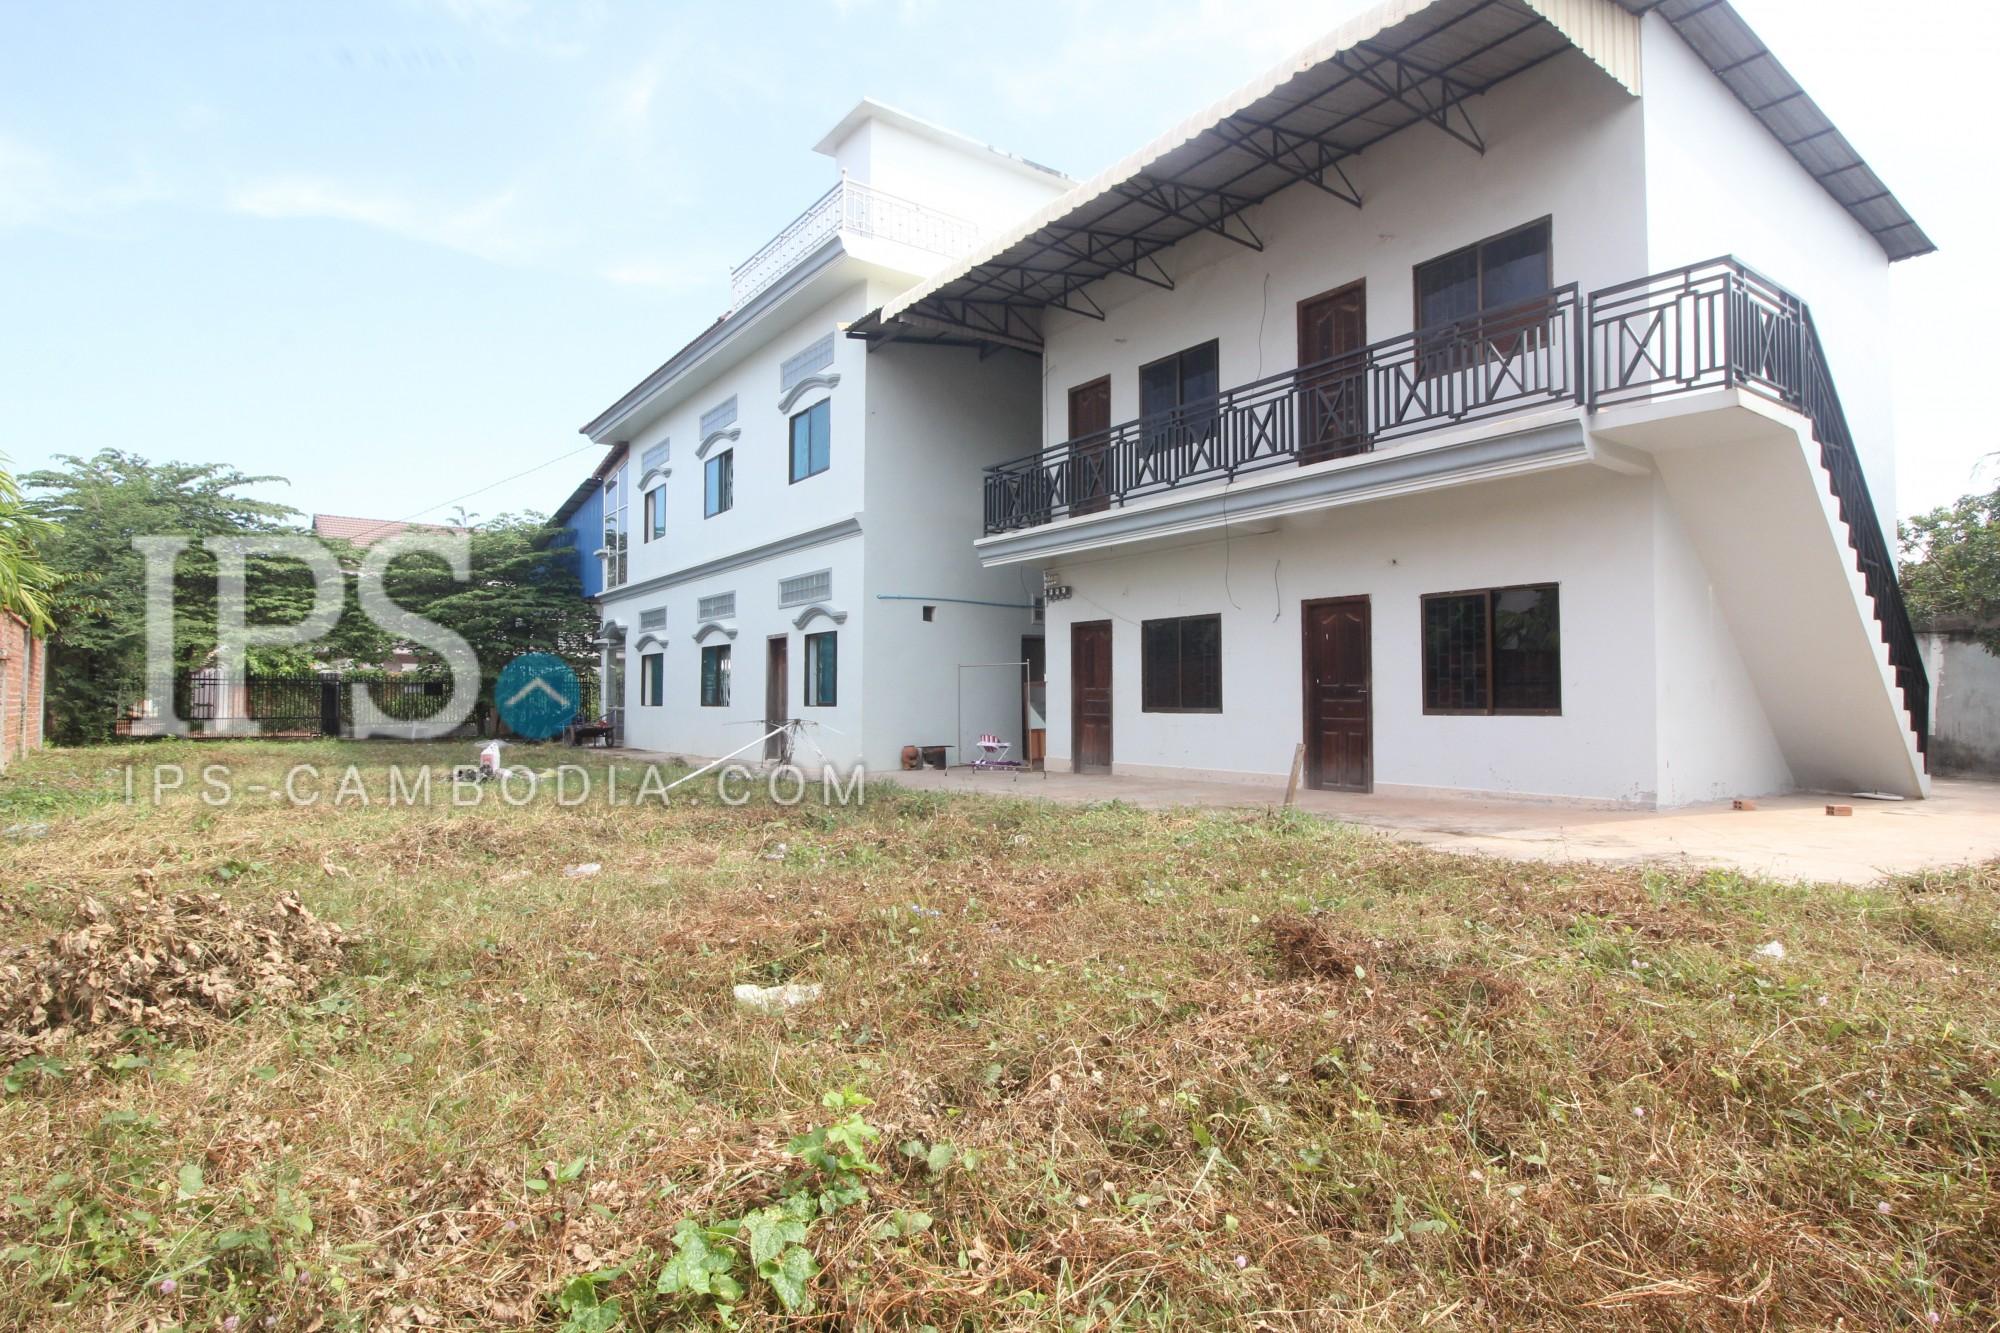 8 Bedroom Villa  For Sale - Slor Kram, Siem Reap